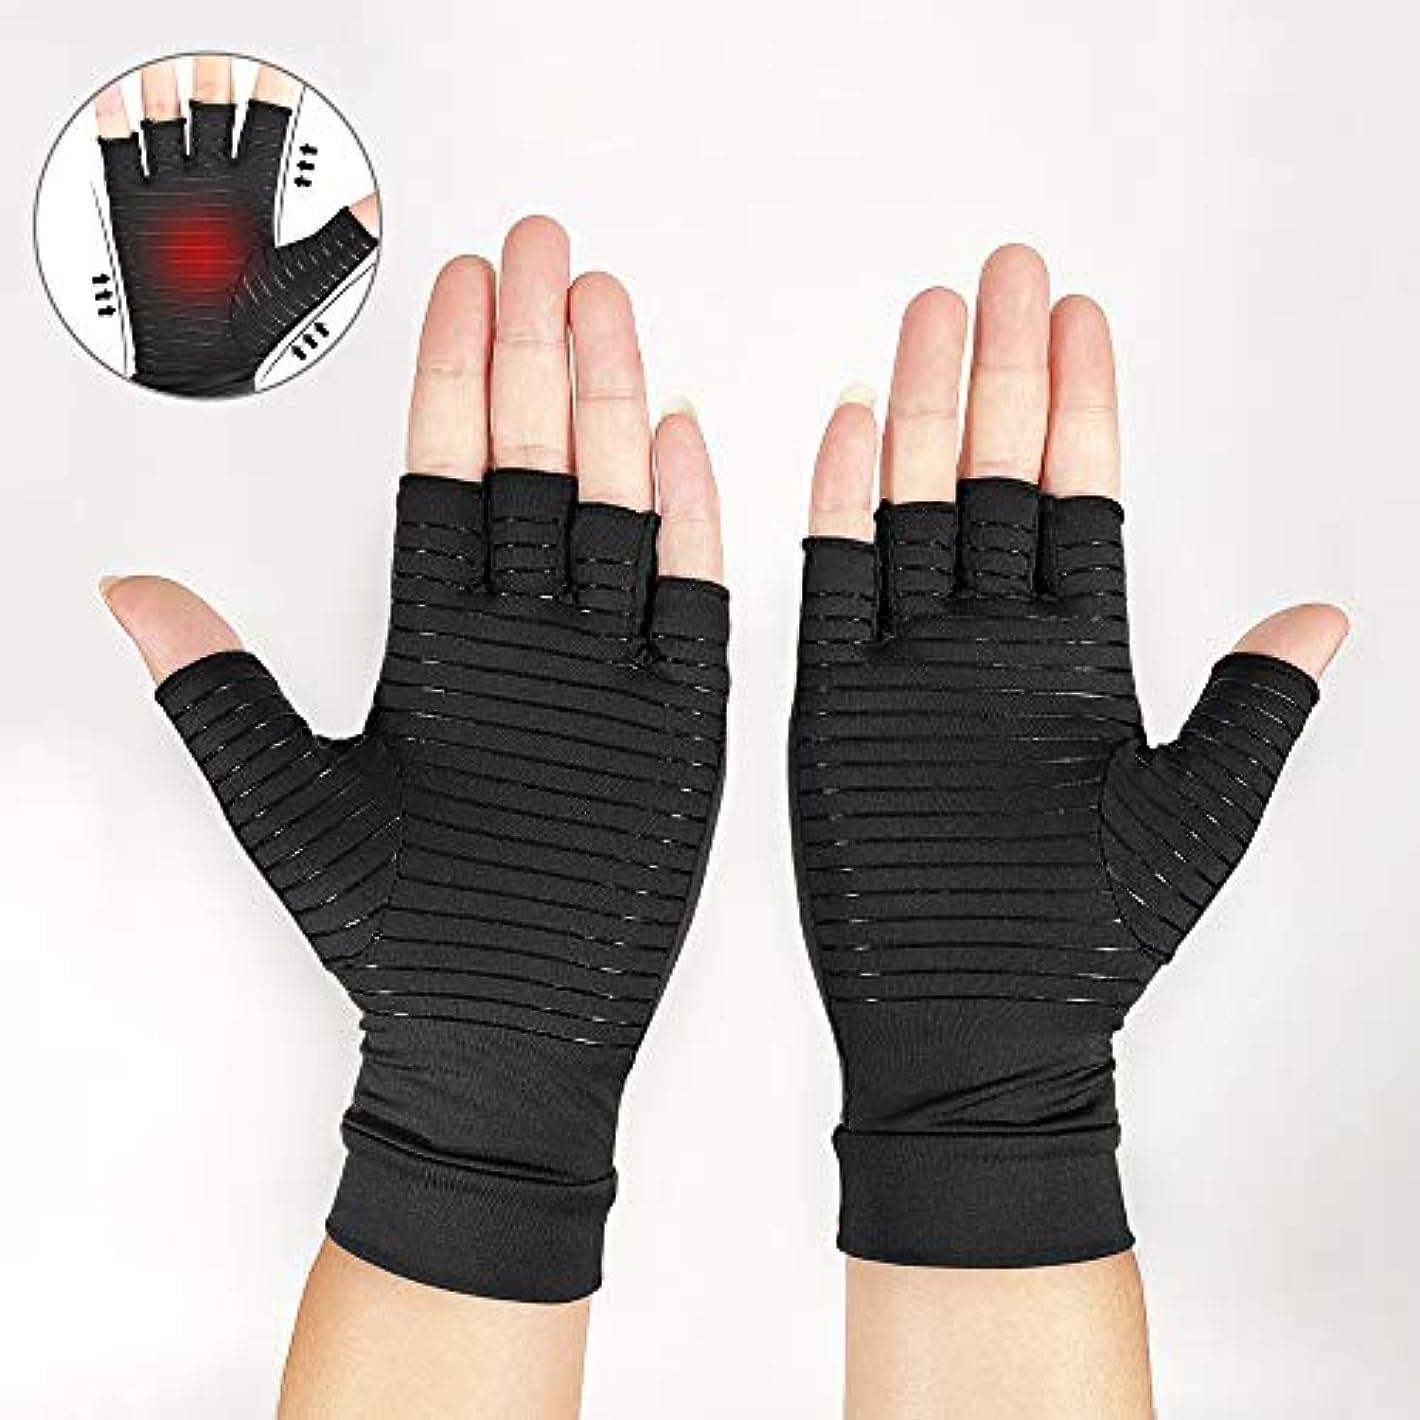 痴漢資本主義プロポーショナル銅圧縮関節炎手袋、圧縮関節炎グローブ 手根管、コンピューター入力、および毎日の関節炎の痛みの軽減のサポート(2個)